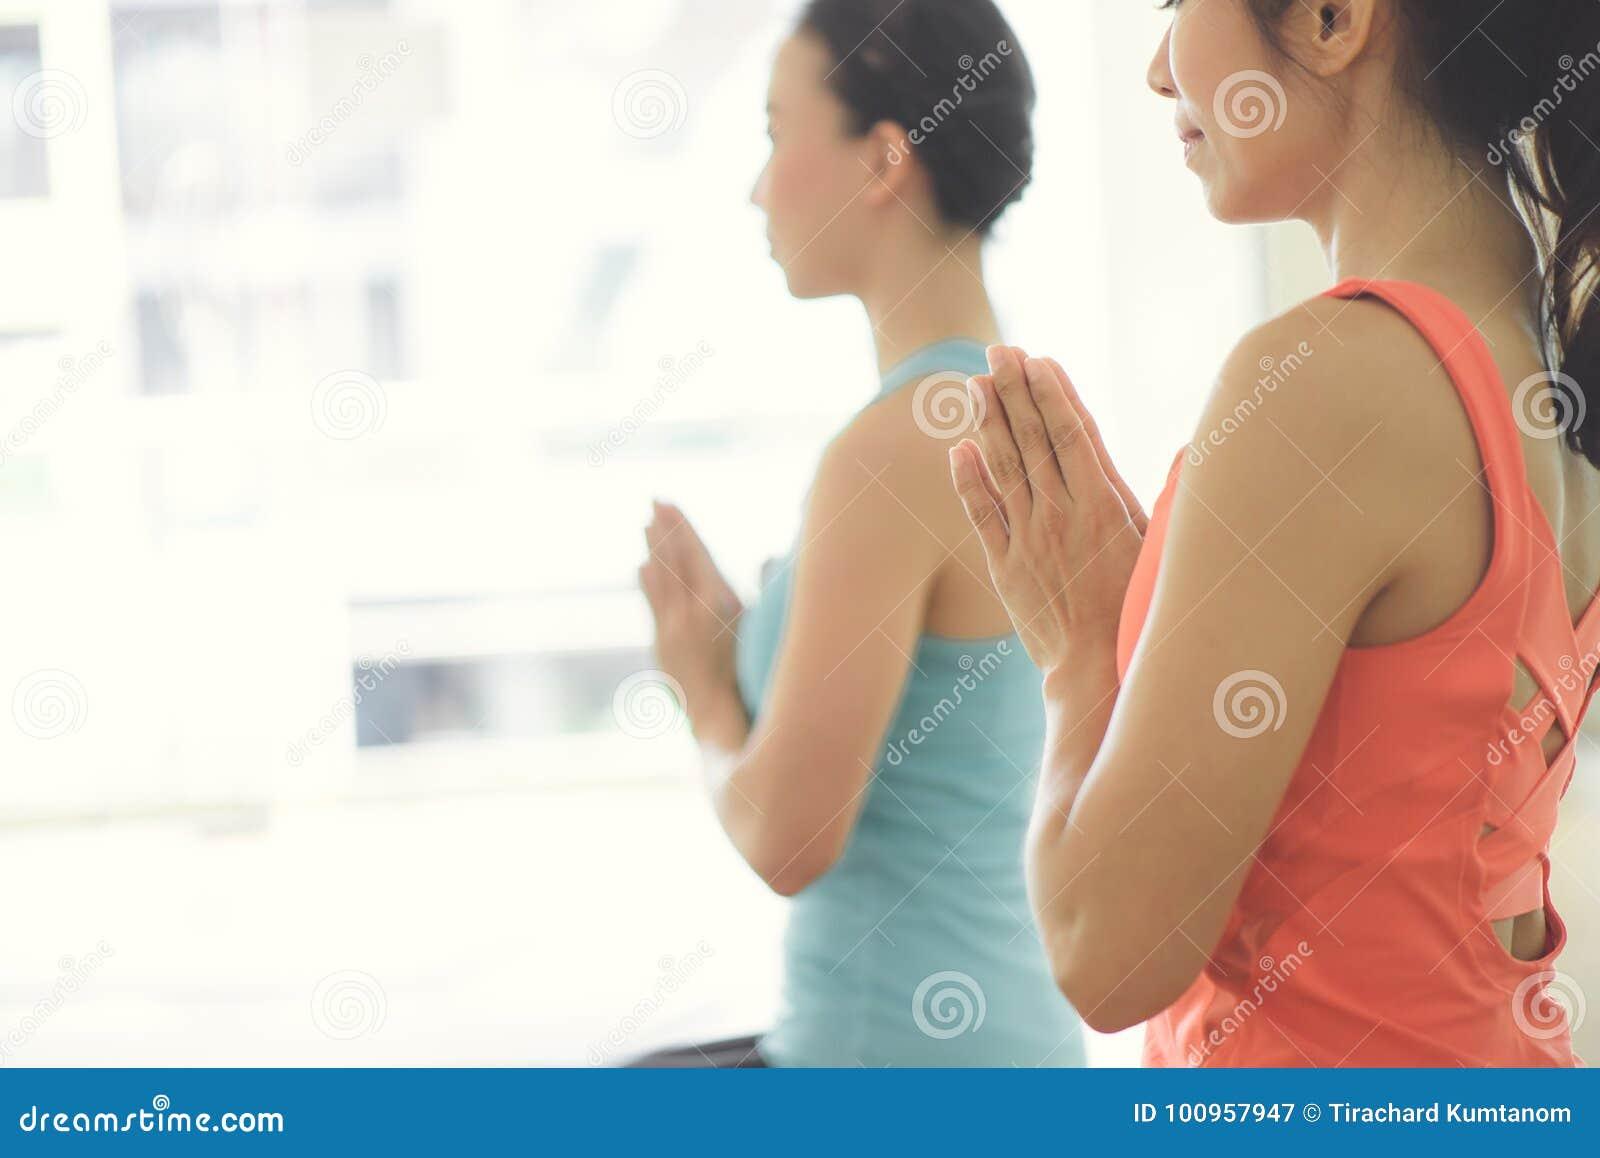 户内少妇瑜伽保留安静并且思考,当实践瑜伽探索内在和平时